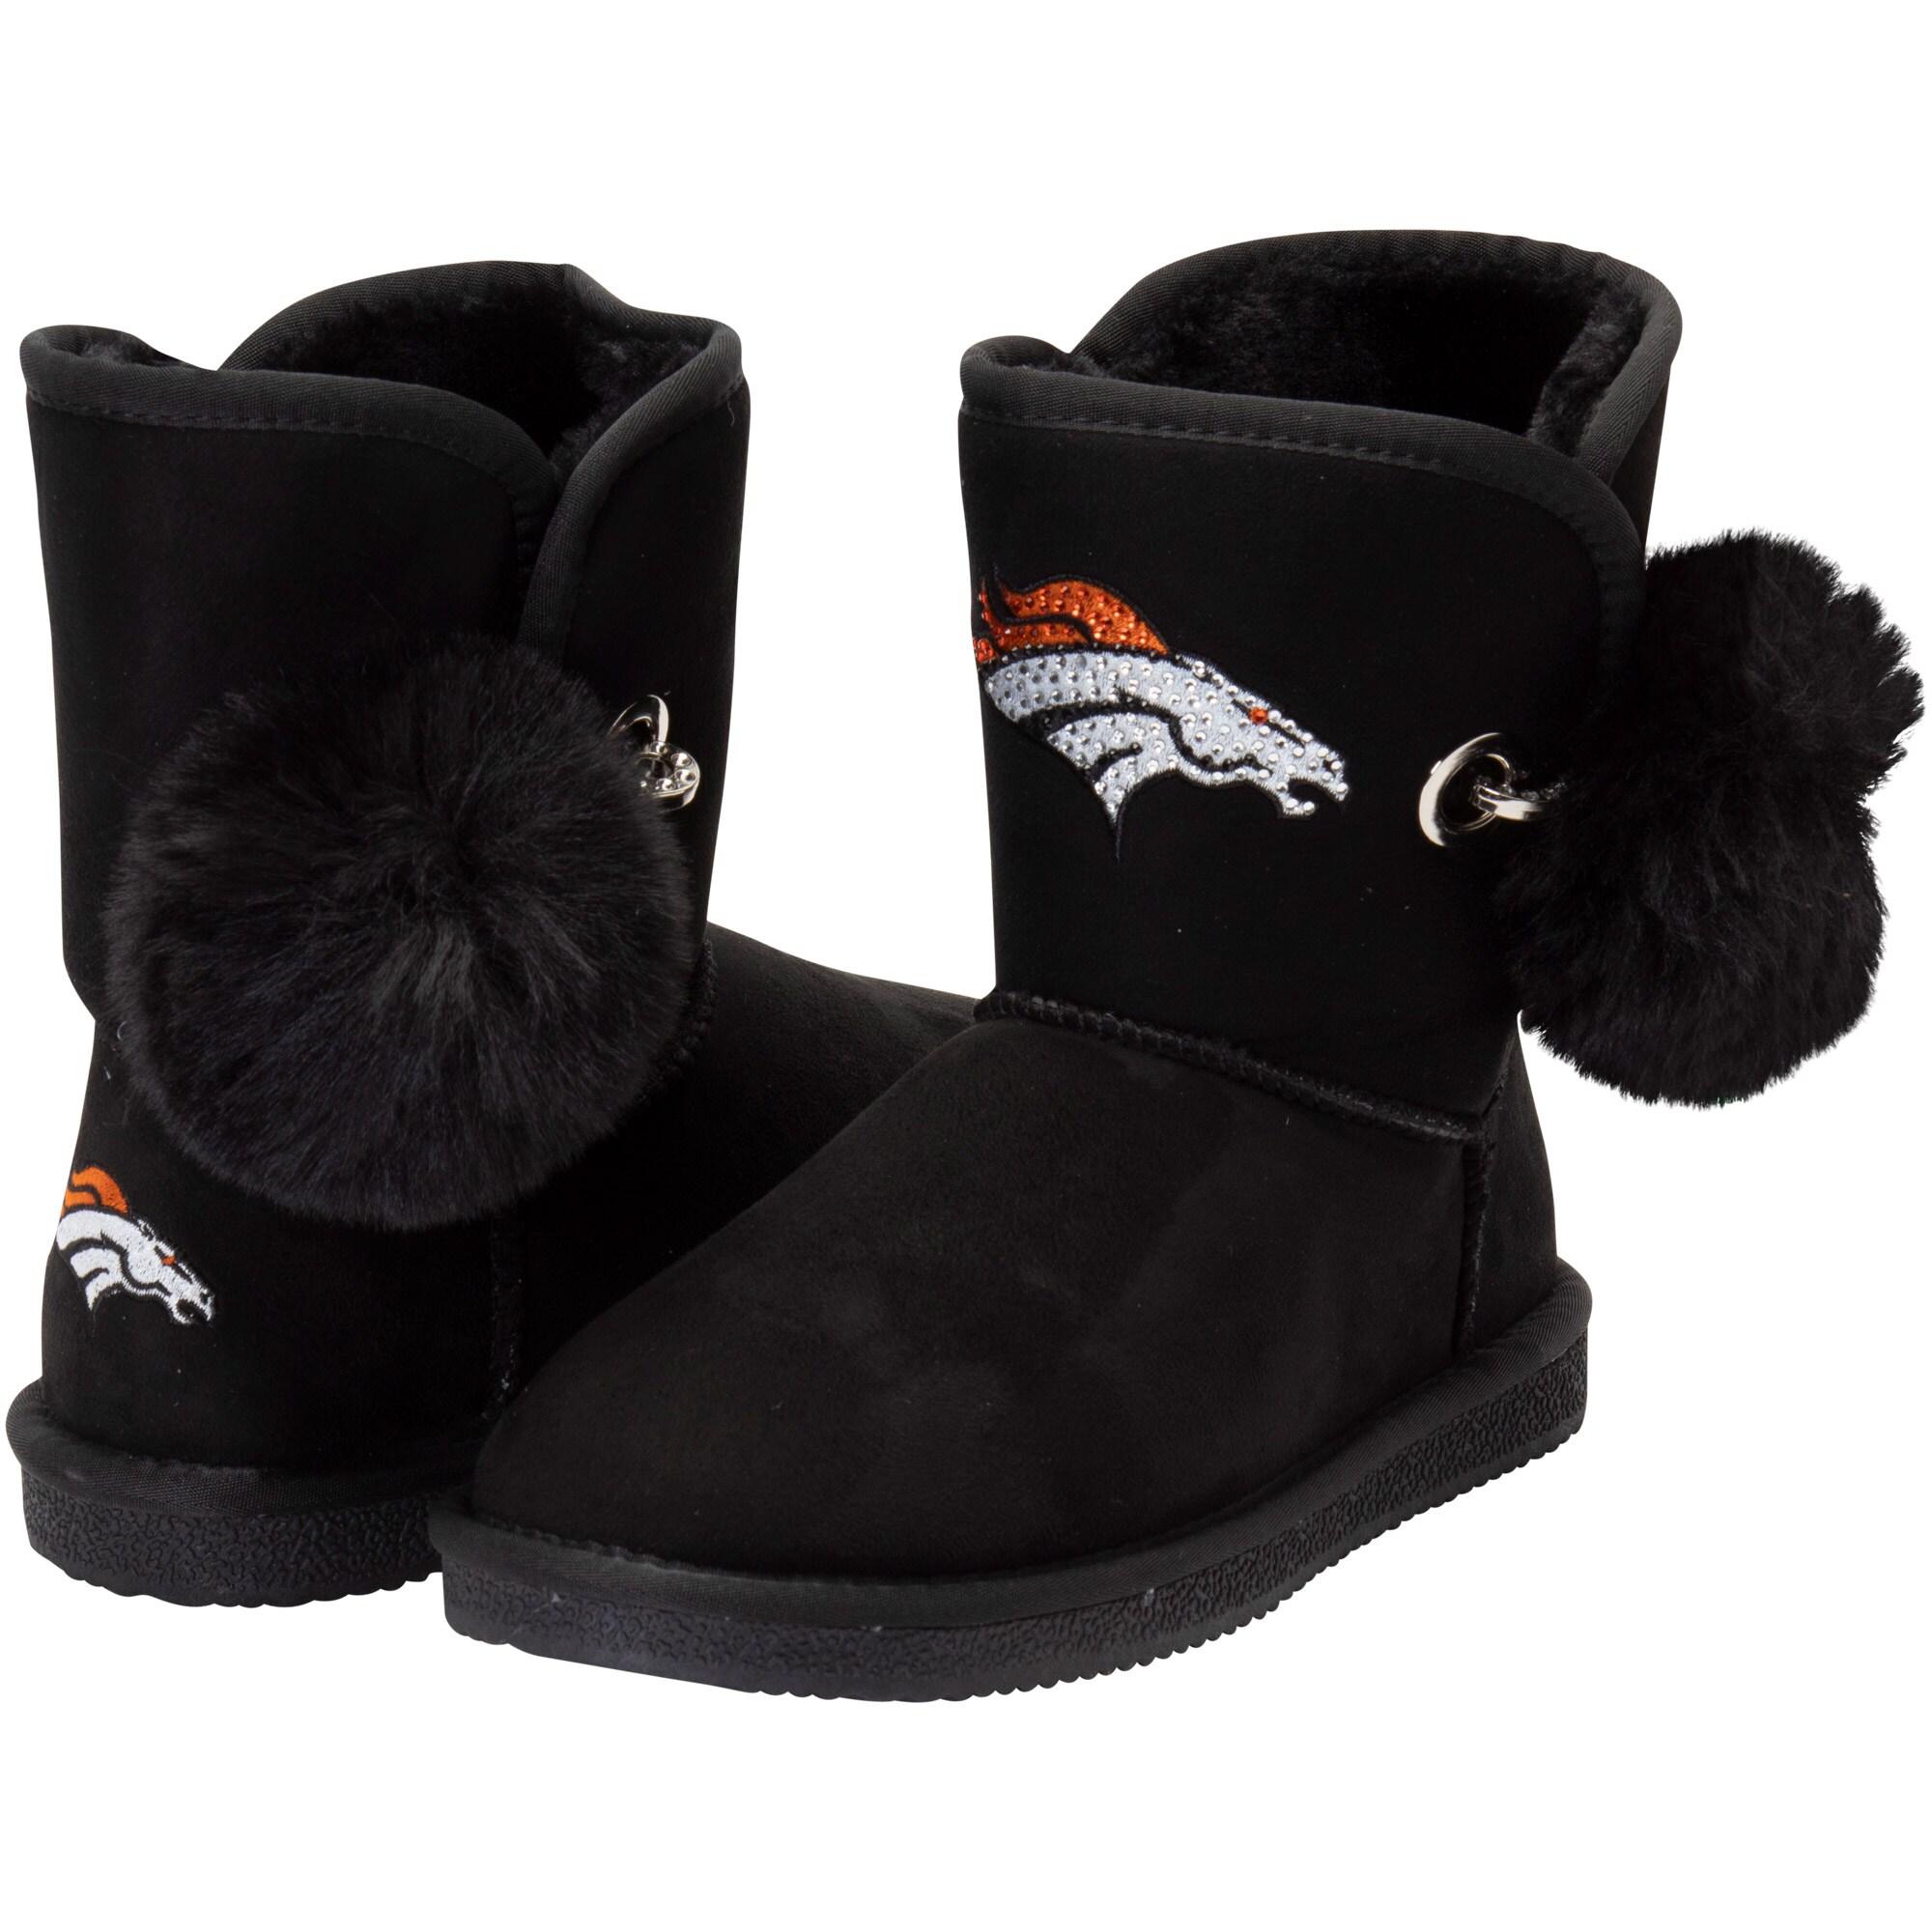 Denver Broncos Cuce Women's The Fumble Faux Fur Boots - Black